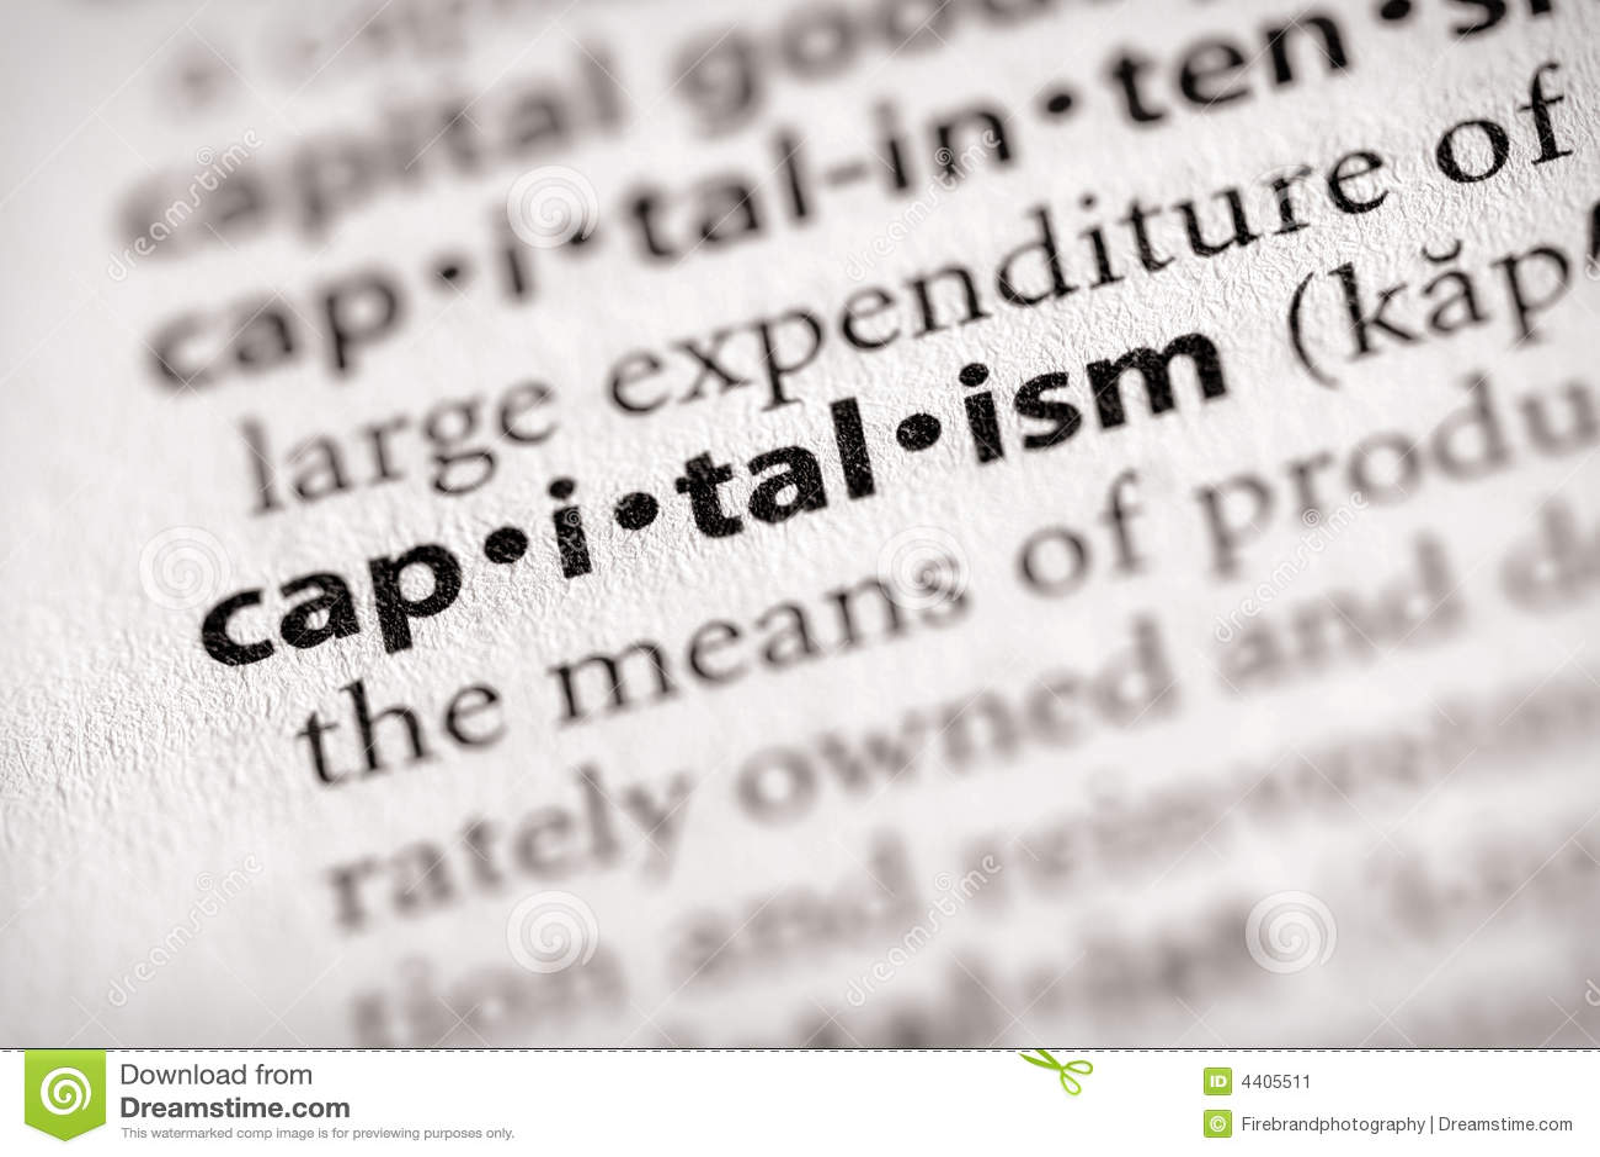 Verzeichnis-Serie - Volkswirtschaft: Kapitalismus